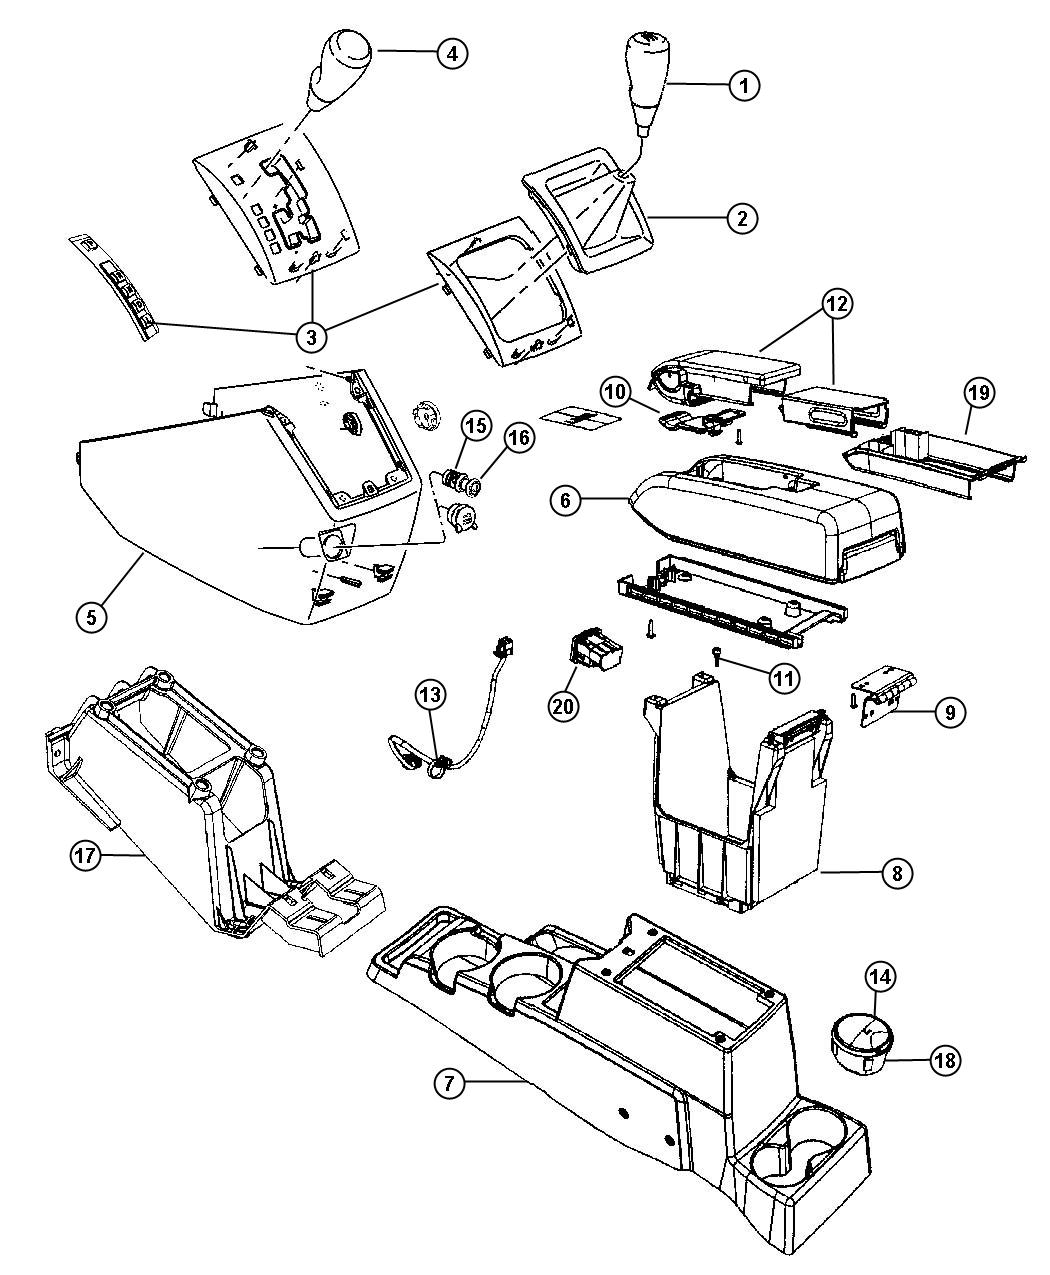 2010 Dodge Caliber Bin. Floor console. [dv], [dv], [cuf